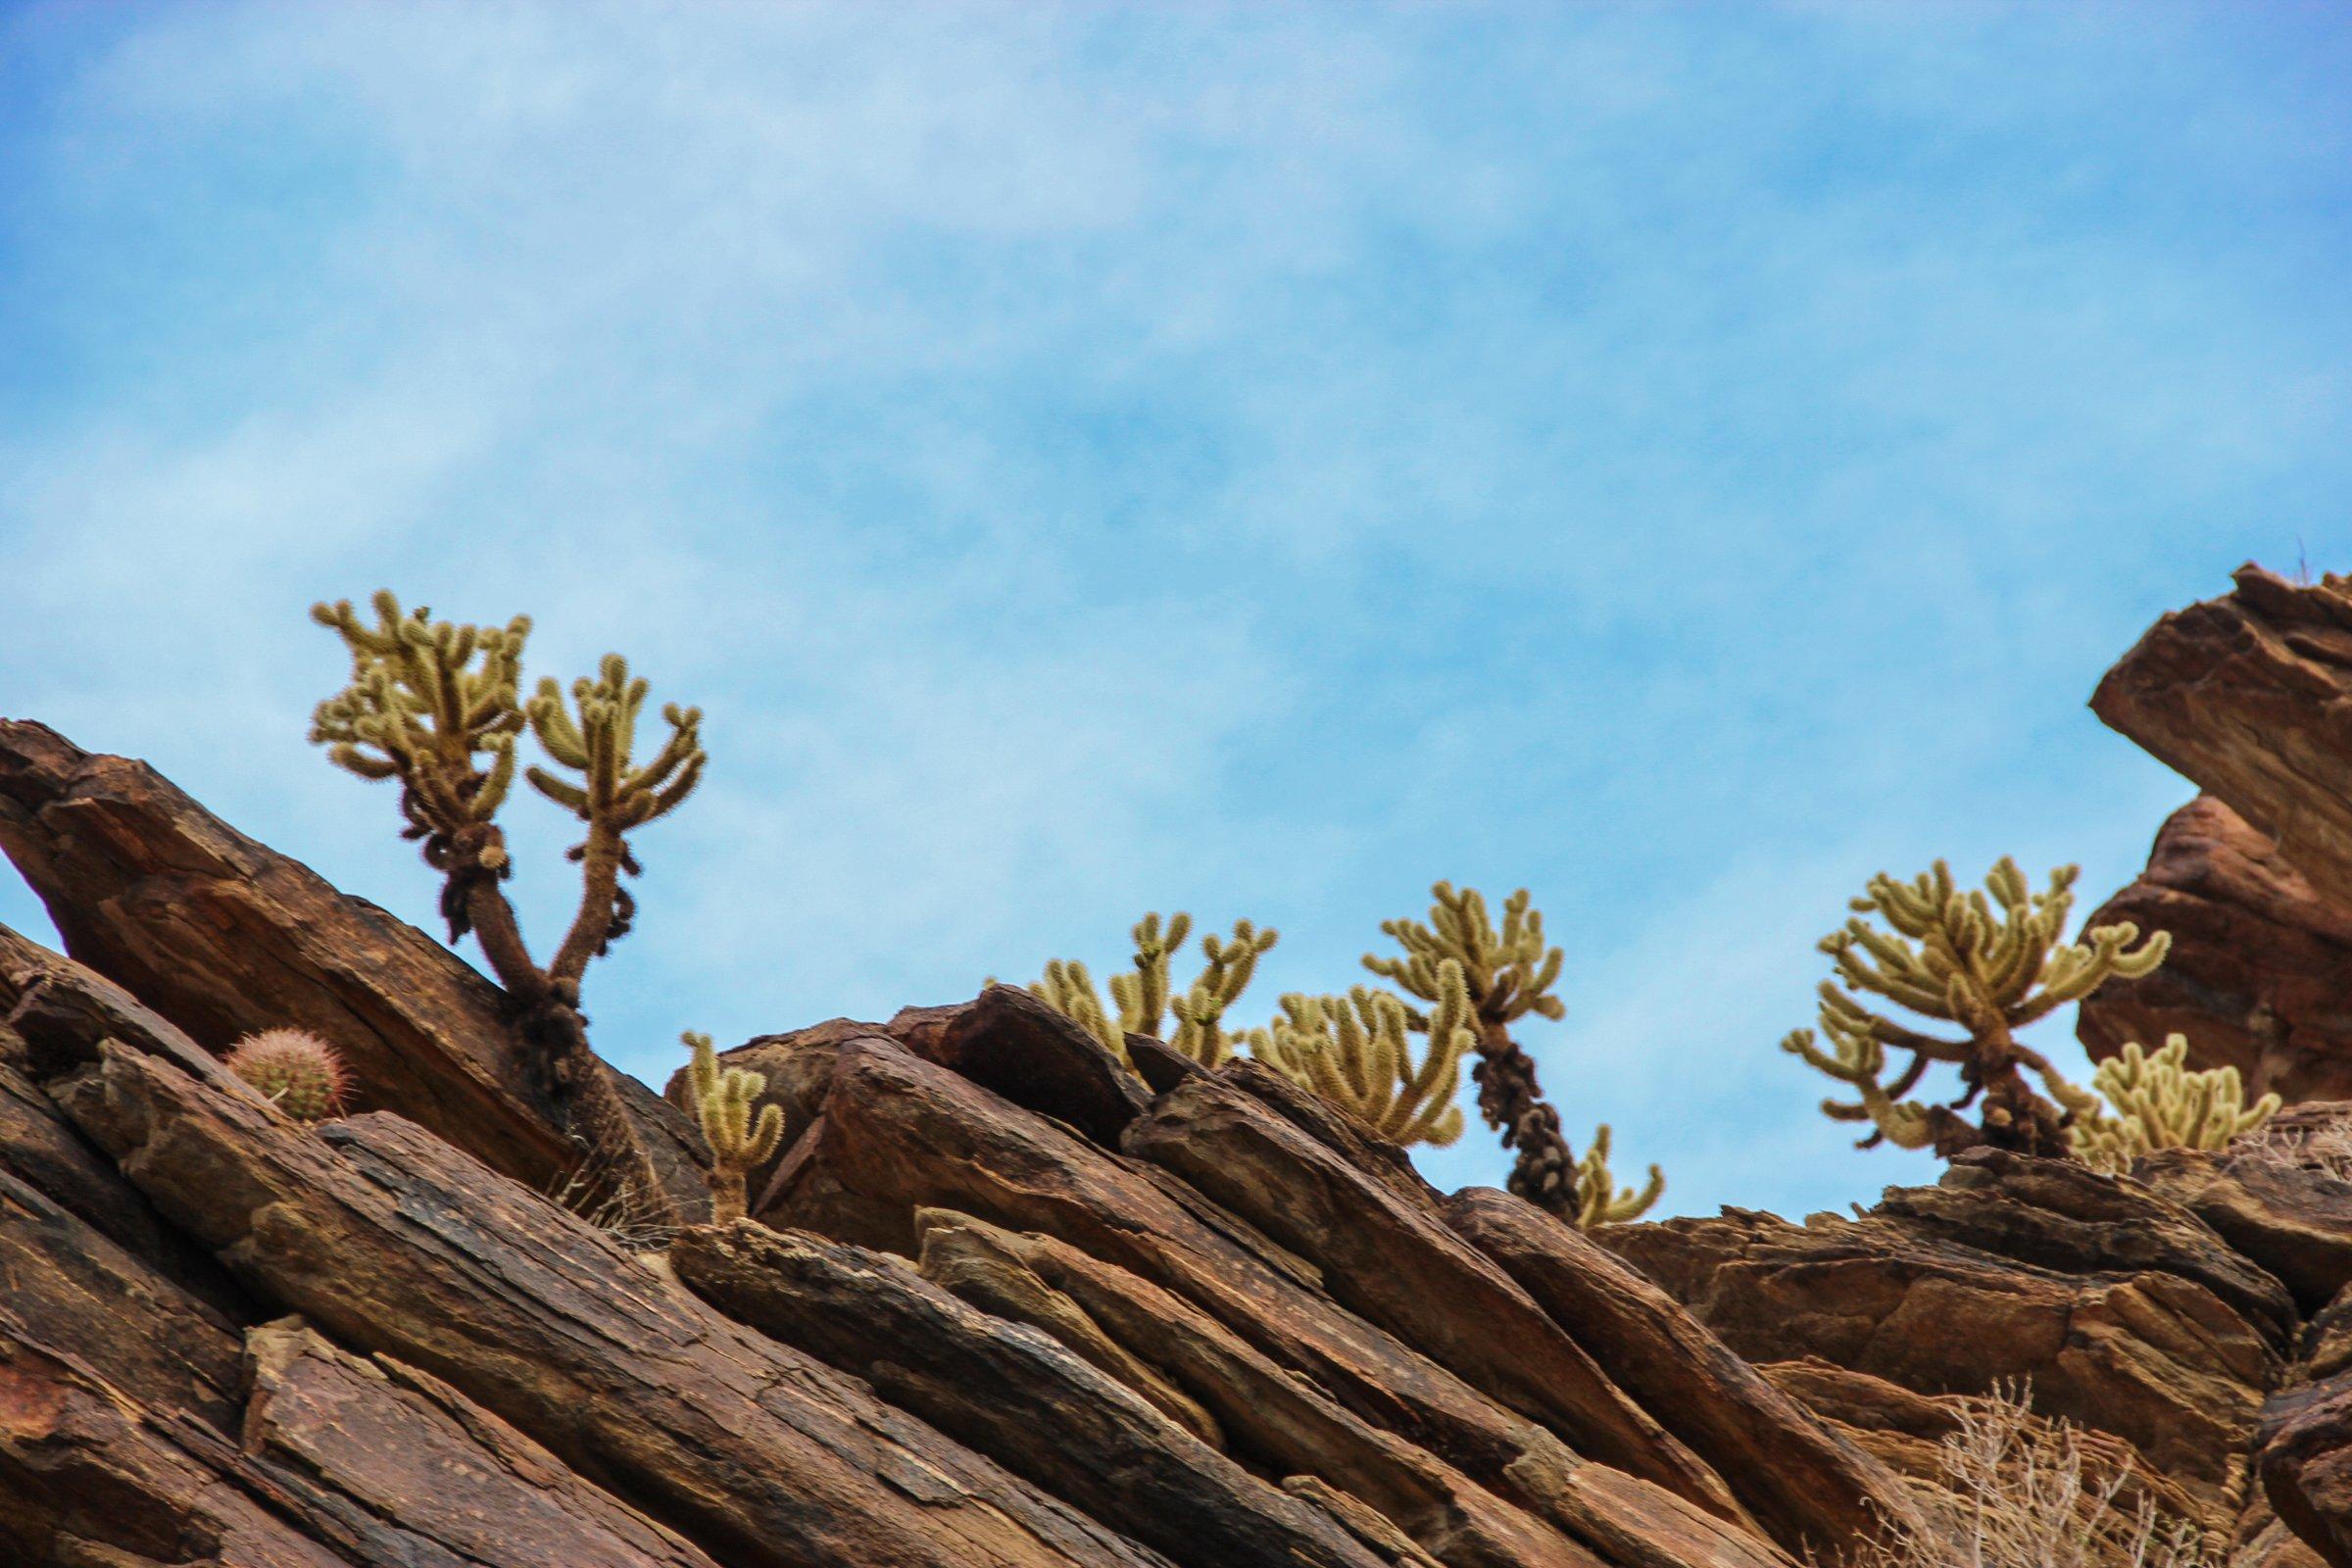 Cactus on Jagged Rocks